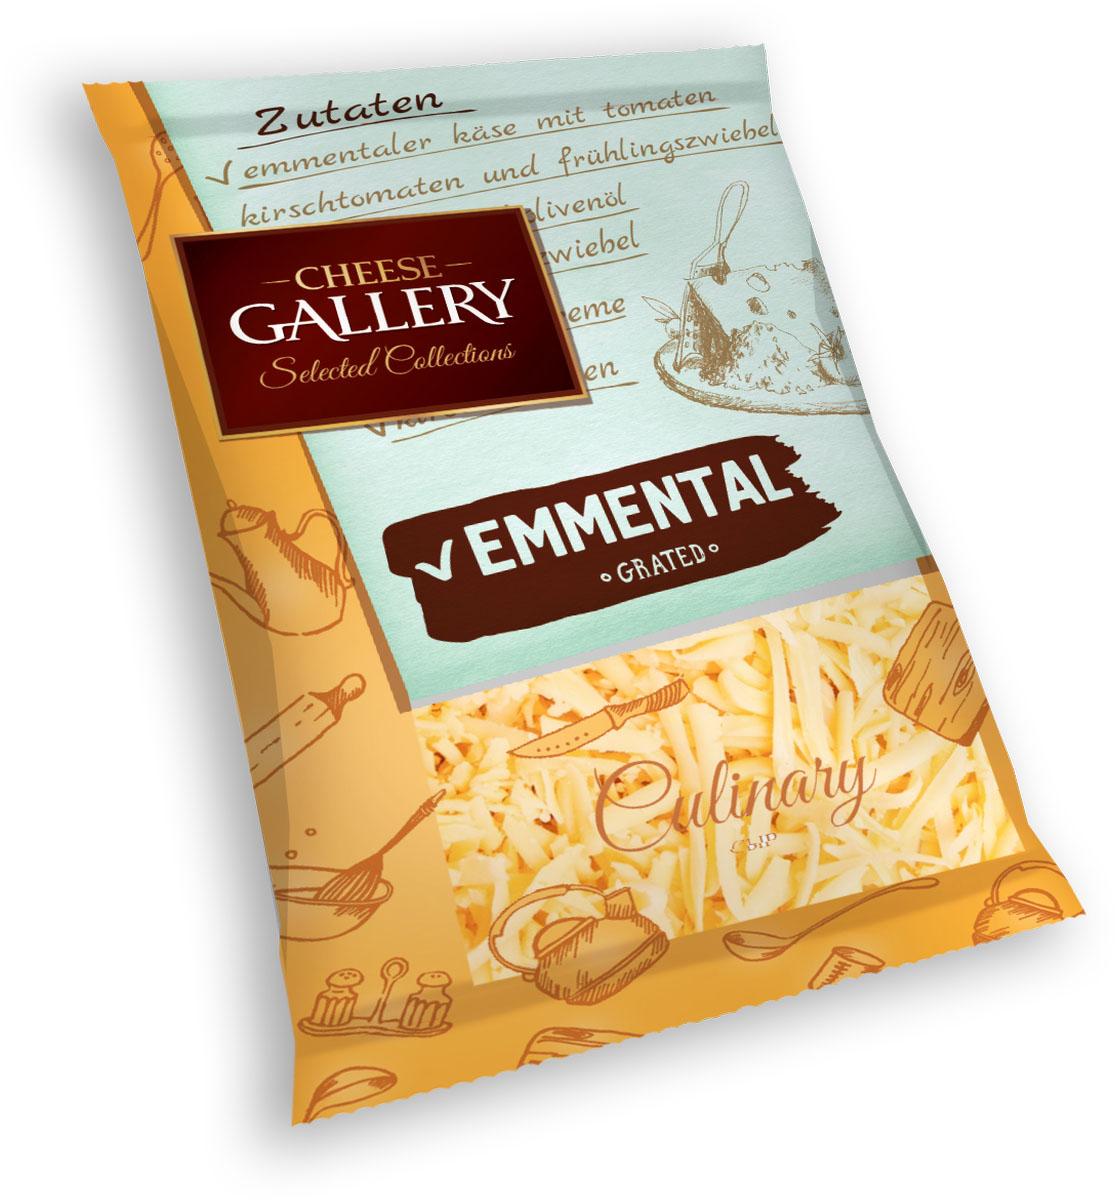 Cheese Gallery Сыр Эмменталь, 50%, тертый, 150 г105-796Визитная карточка сыра Эмменталь – это большие дырки-глазки и несравненный пикантный, пряный сладковатый вкус Твердый сыр Эмменталь используется для приготовления разнообразных салатов, десертов и вторых блюд: сыр хорошо плавится Для экономии